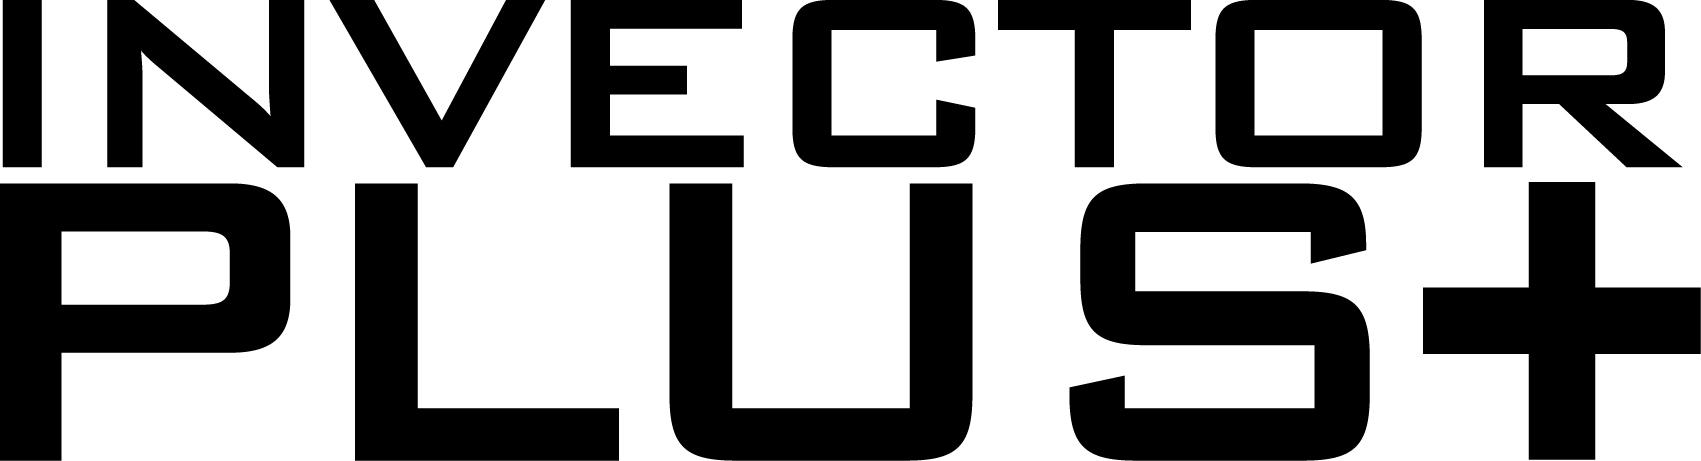 logo te</div> </div> </div> </section> </div>  <div class=